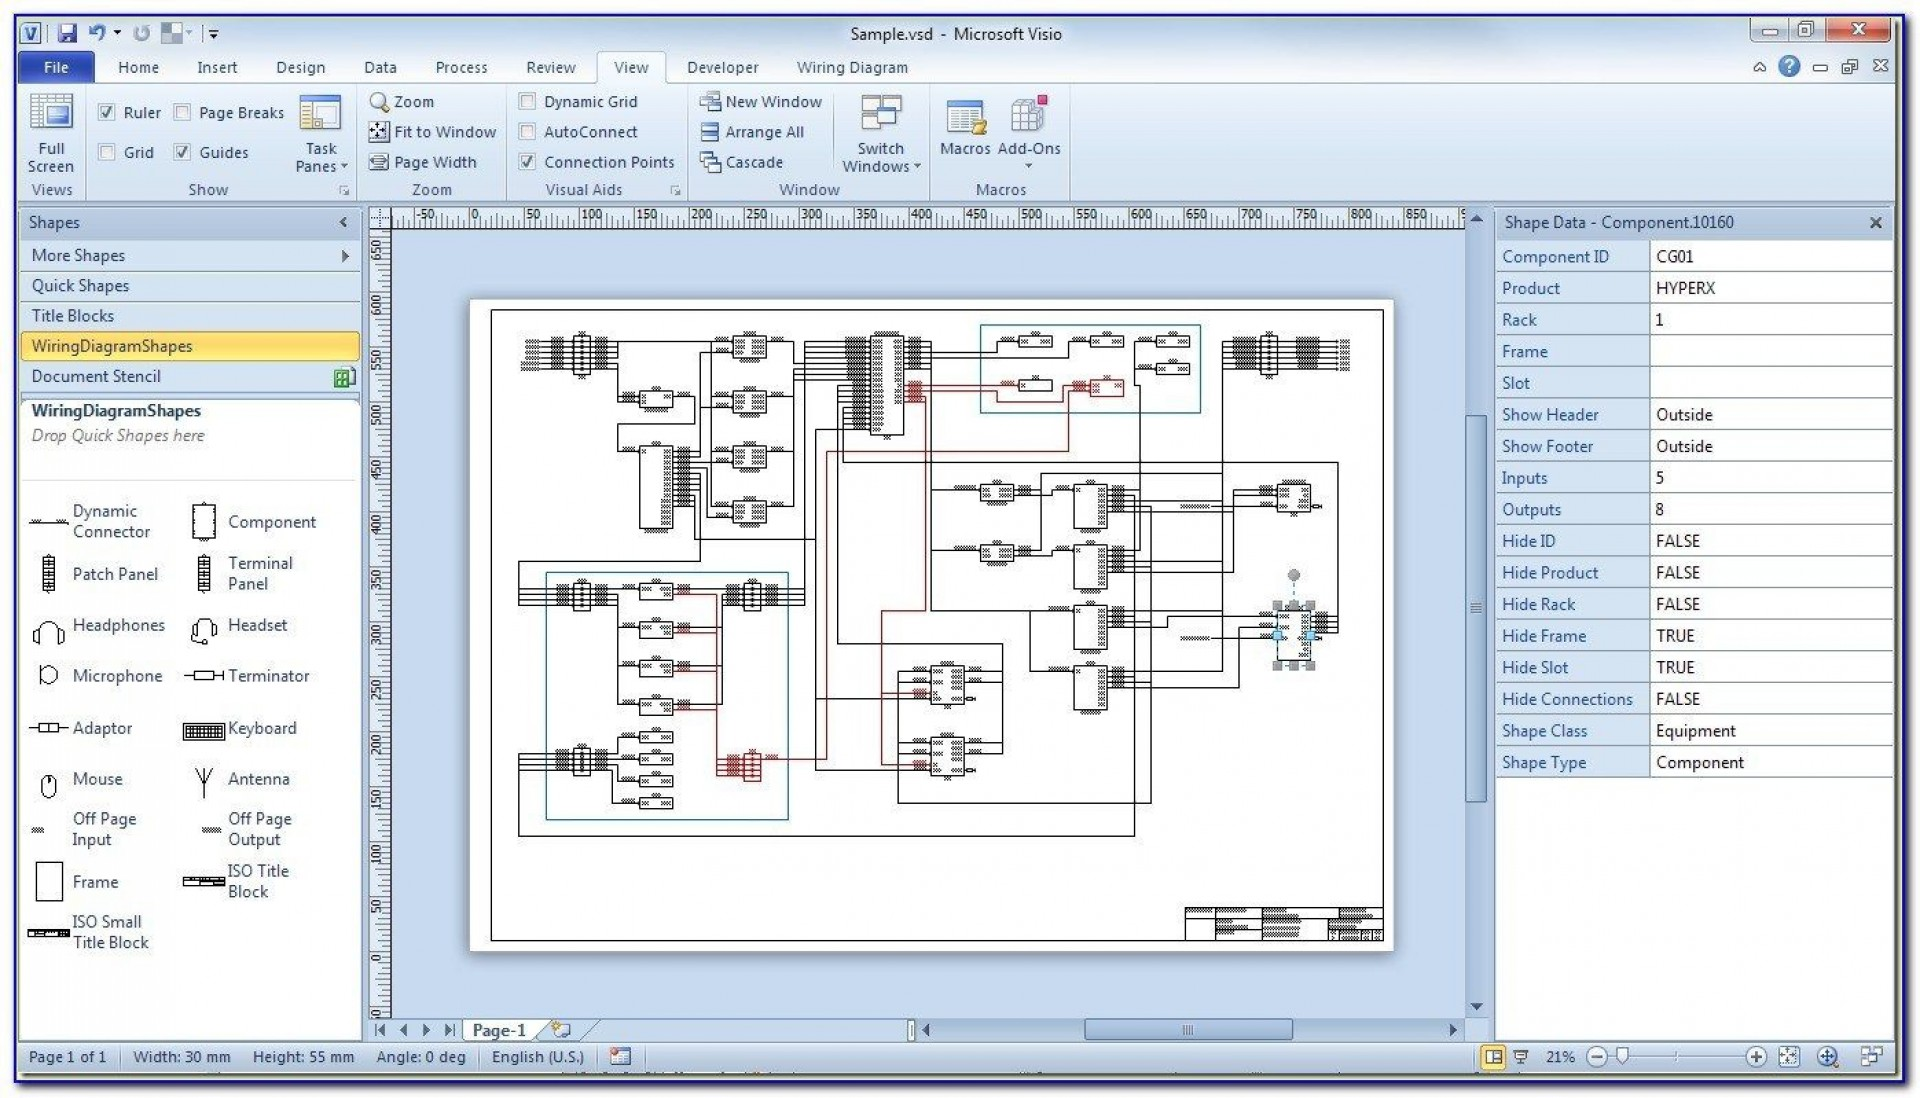 009 Incredible Uml Diagram Template Visio 2010 High Def  Model Download Clas1920